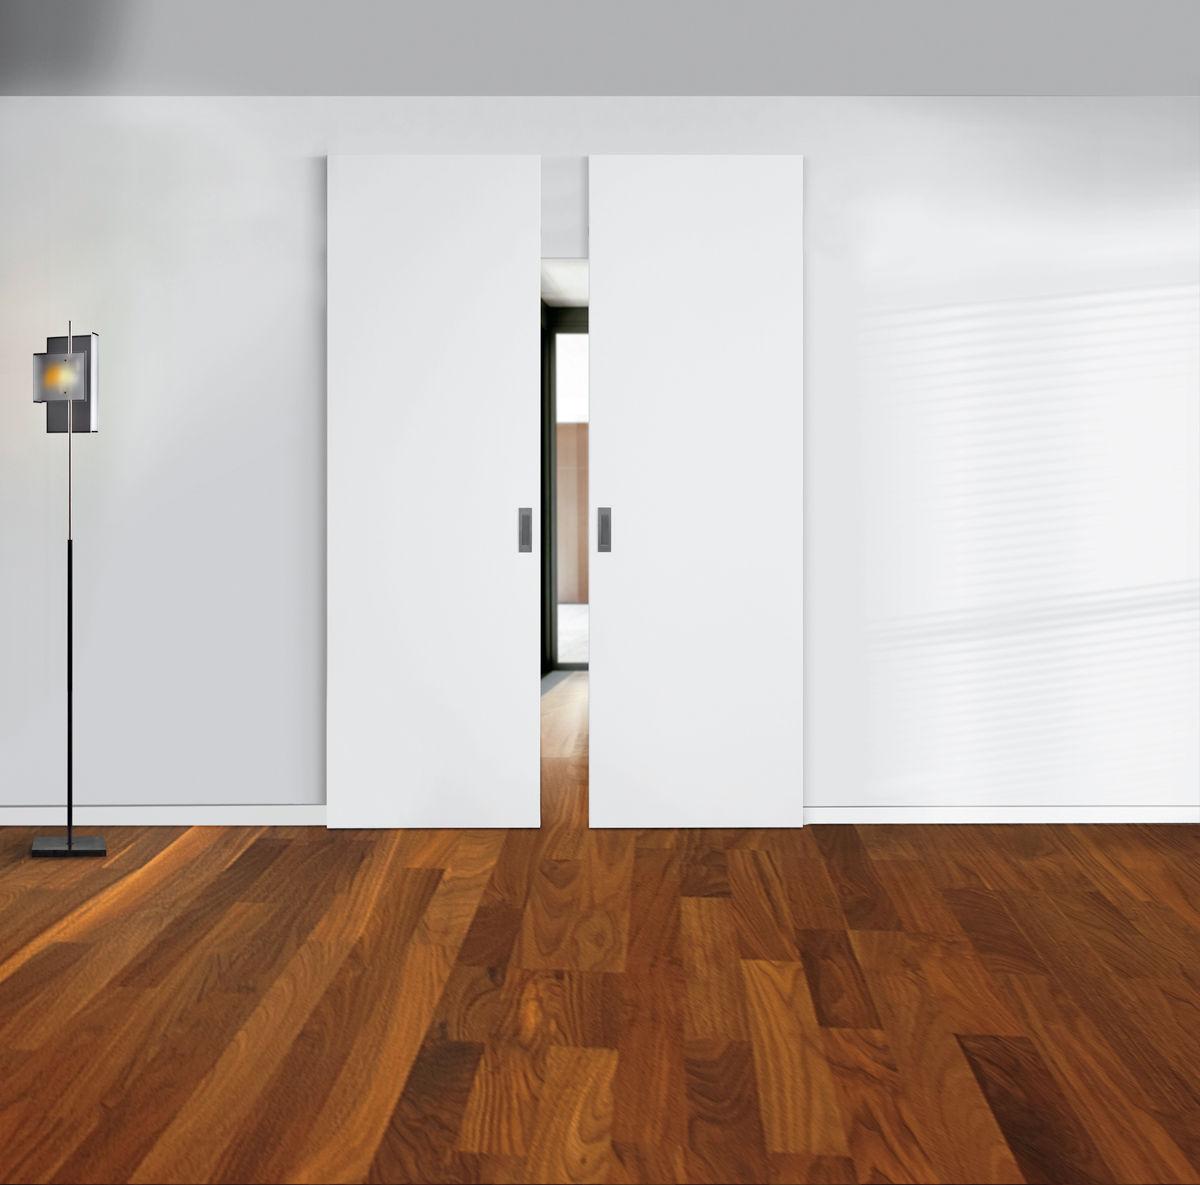 schiebet ren zuhause wohnen. Black Bedroom Furniture Sets. Home Design Ideas